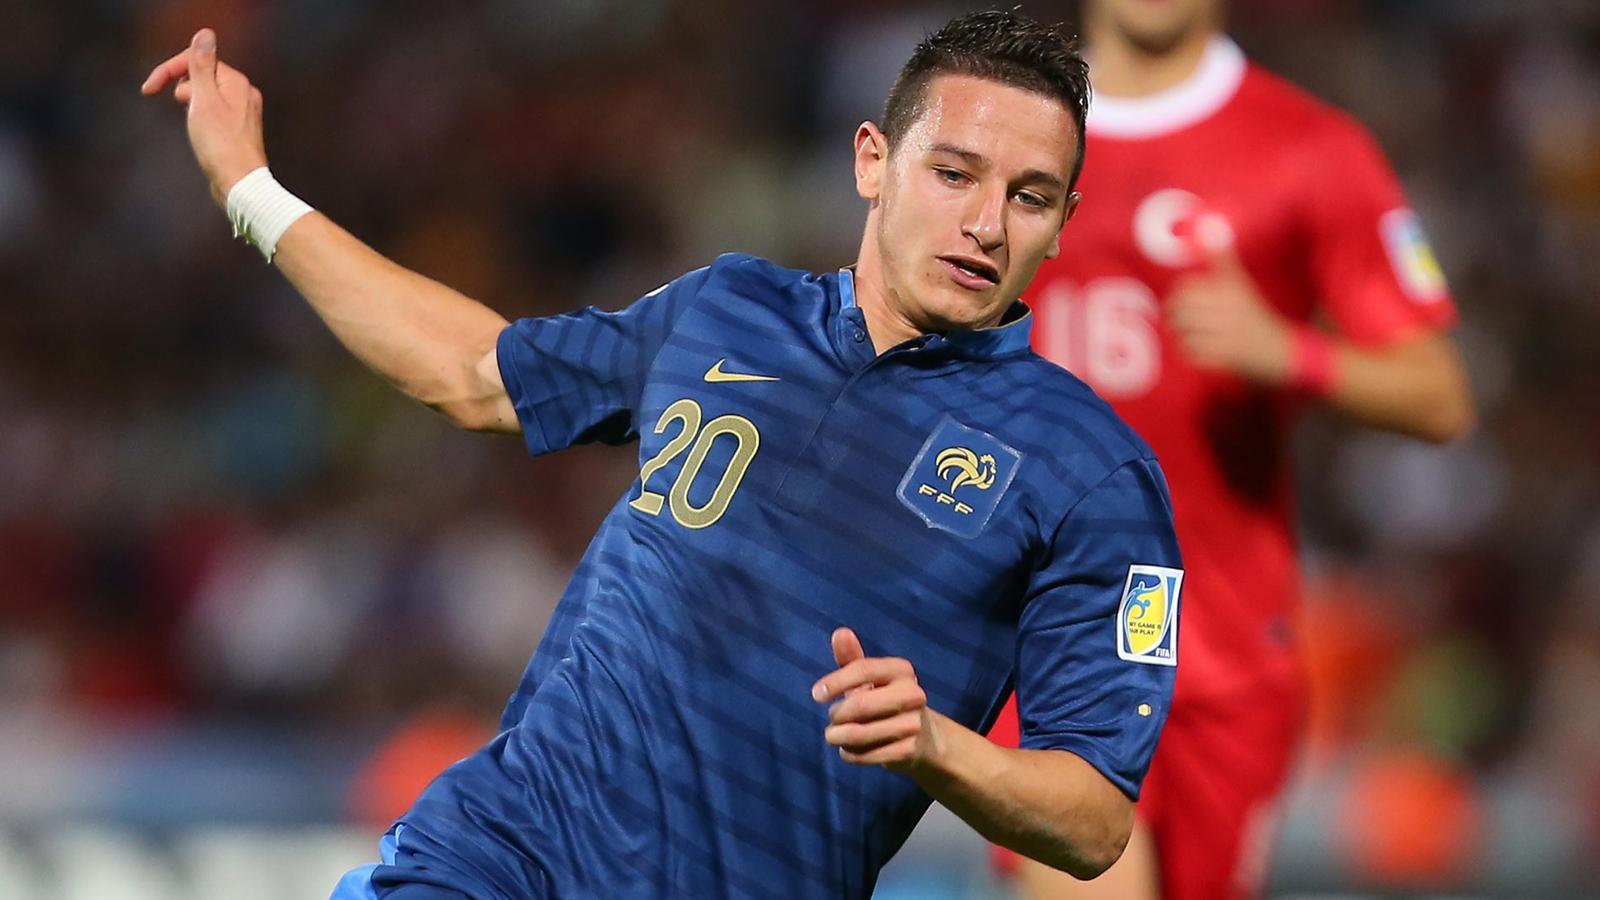 Florian thauvin je ferai le bilan mon retour coupe du monde 20 ans 2013 football - Classement buteur coupe de france ...